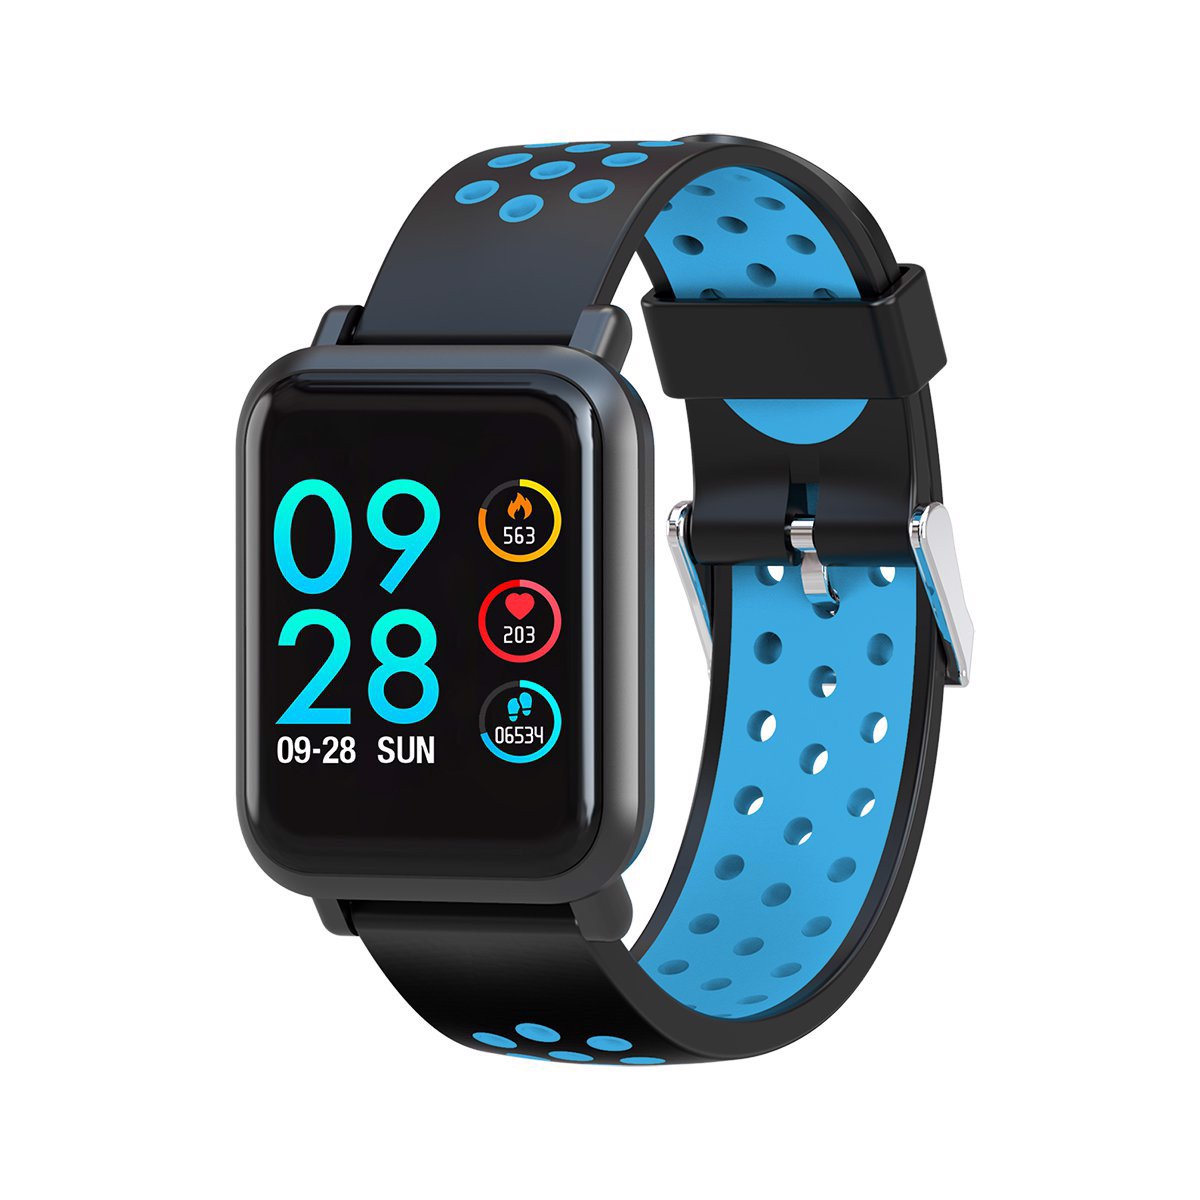 Đồng hồ thông minh Tuxedo SN60 Plus đo sức khỏe, thiết kế sang trọng-Hàng Chính Hãng